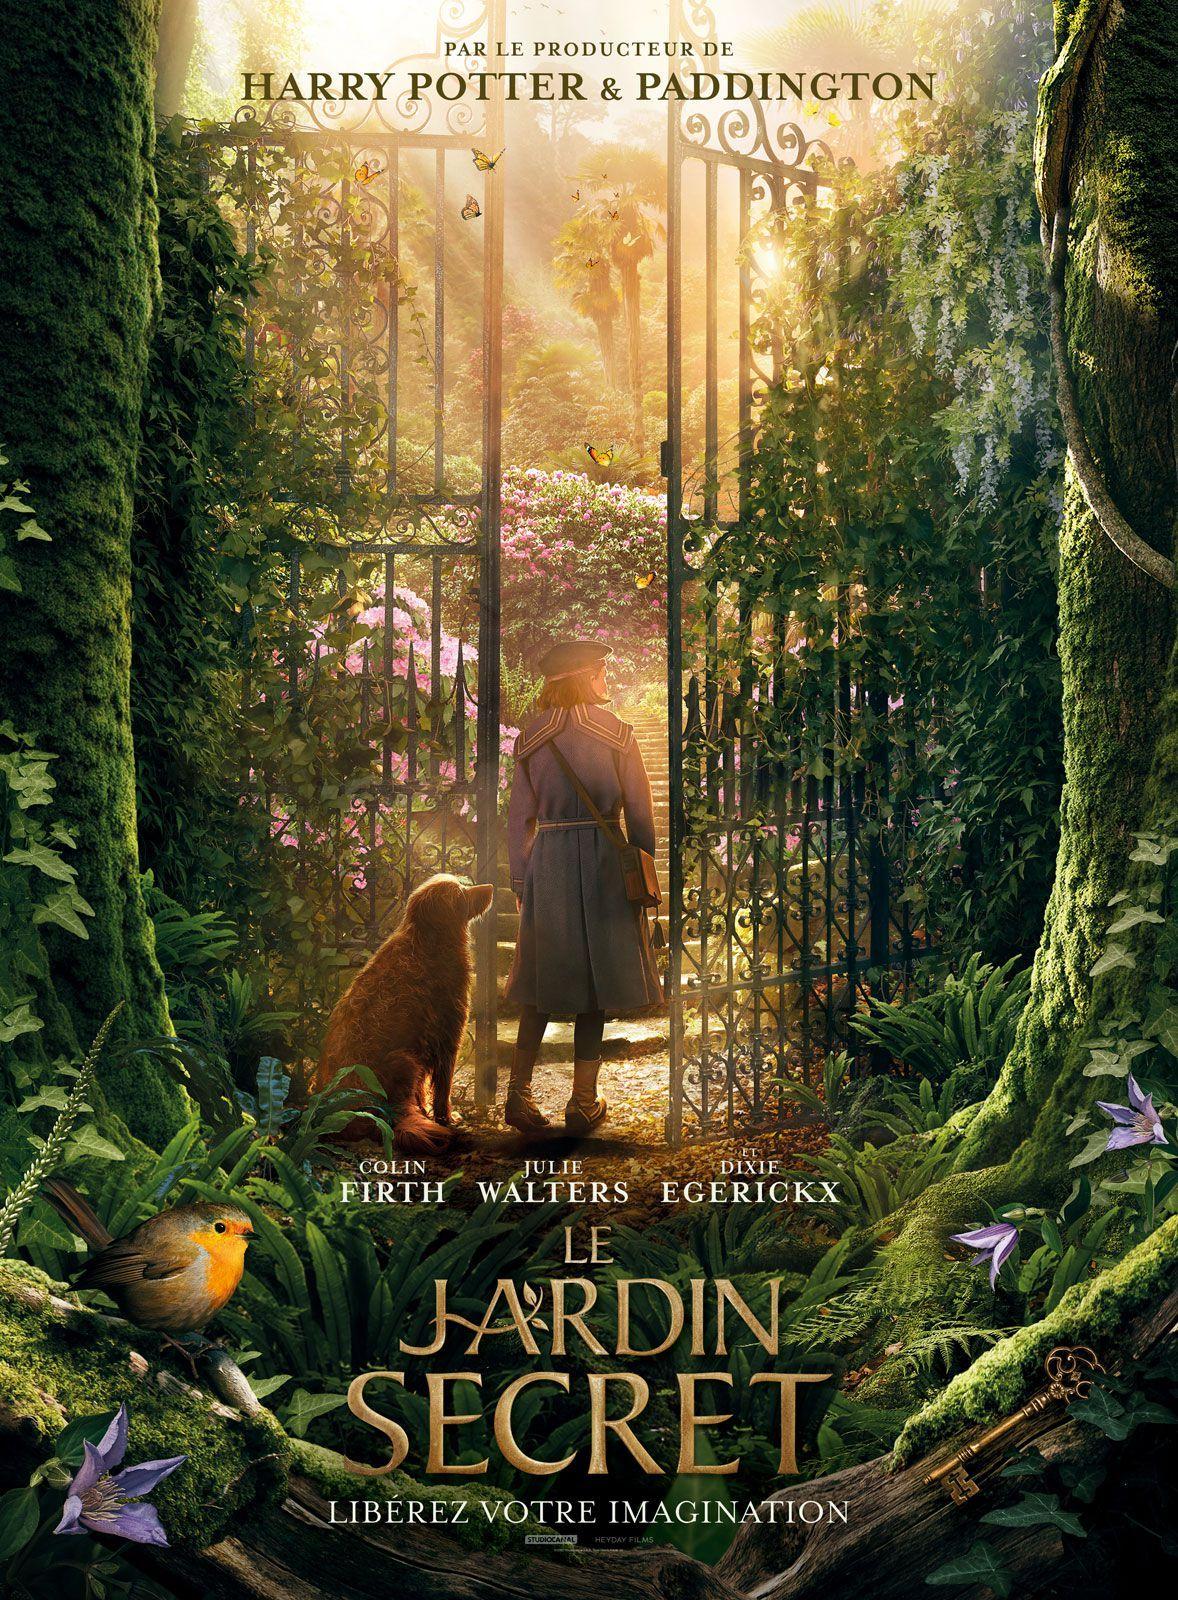 Le Jardin Secret Film Fantastique Films Complets Idee Film